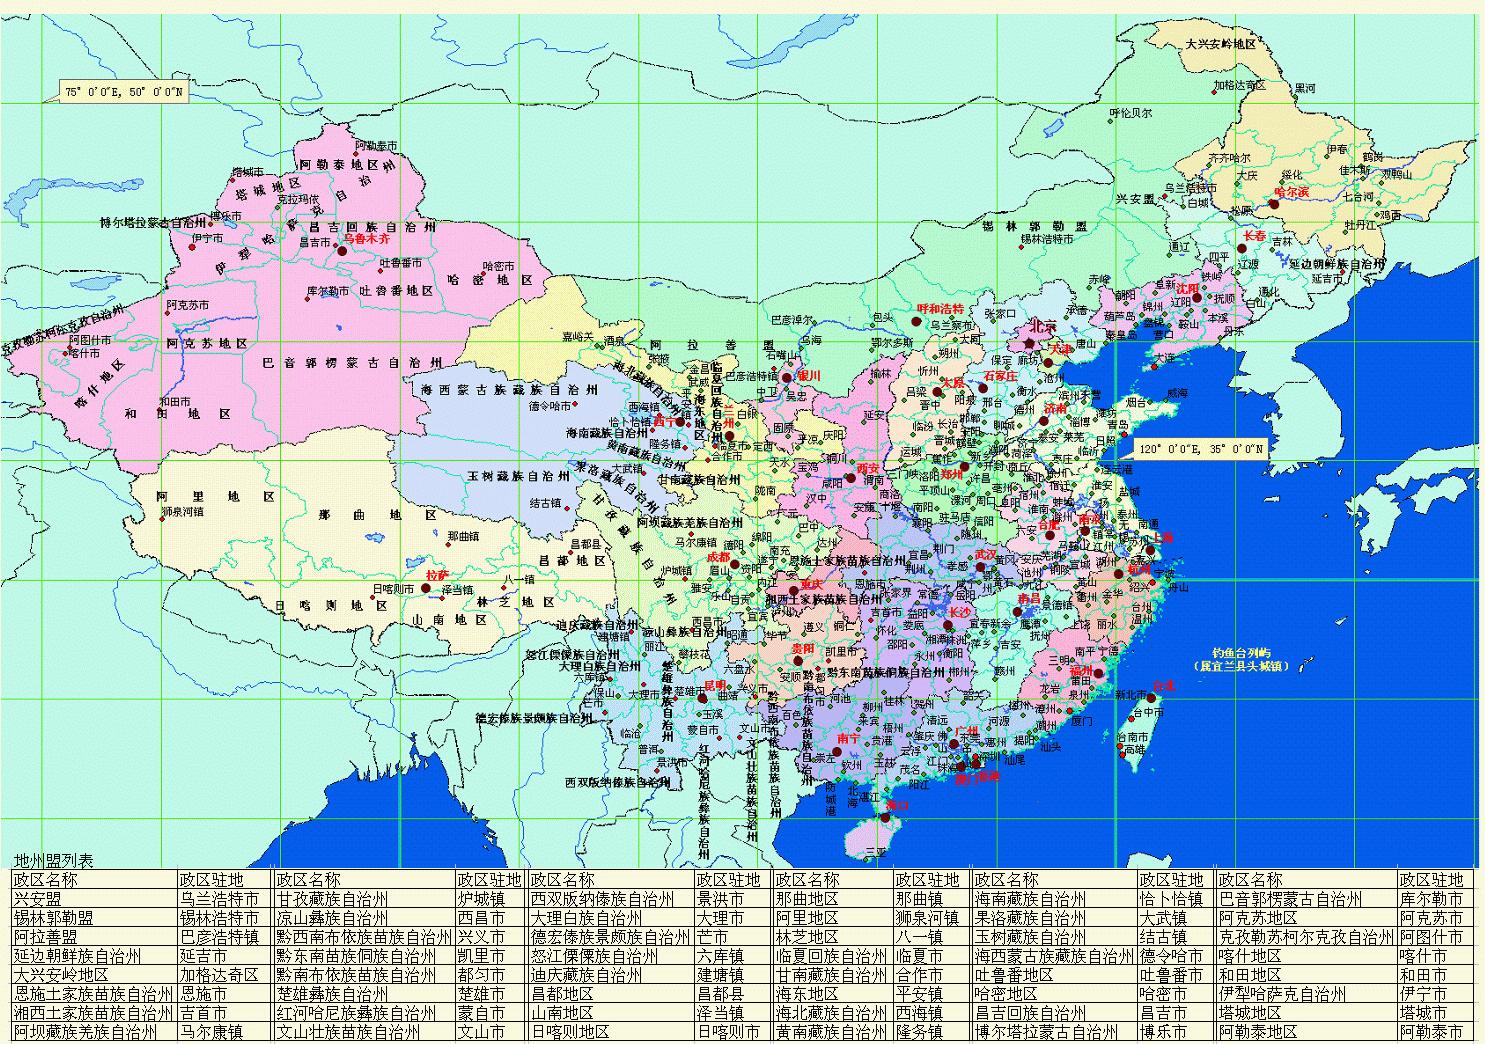 中国地�_你可以帮助我吗; 谁有中国地图,jpg格式; 中国地级市地图高清